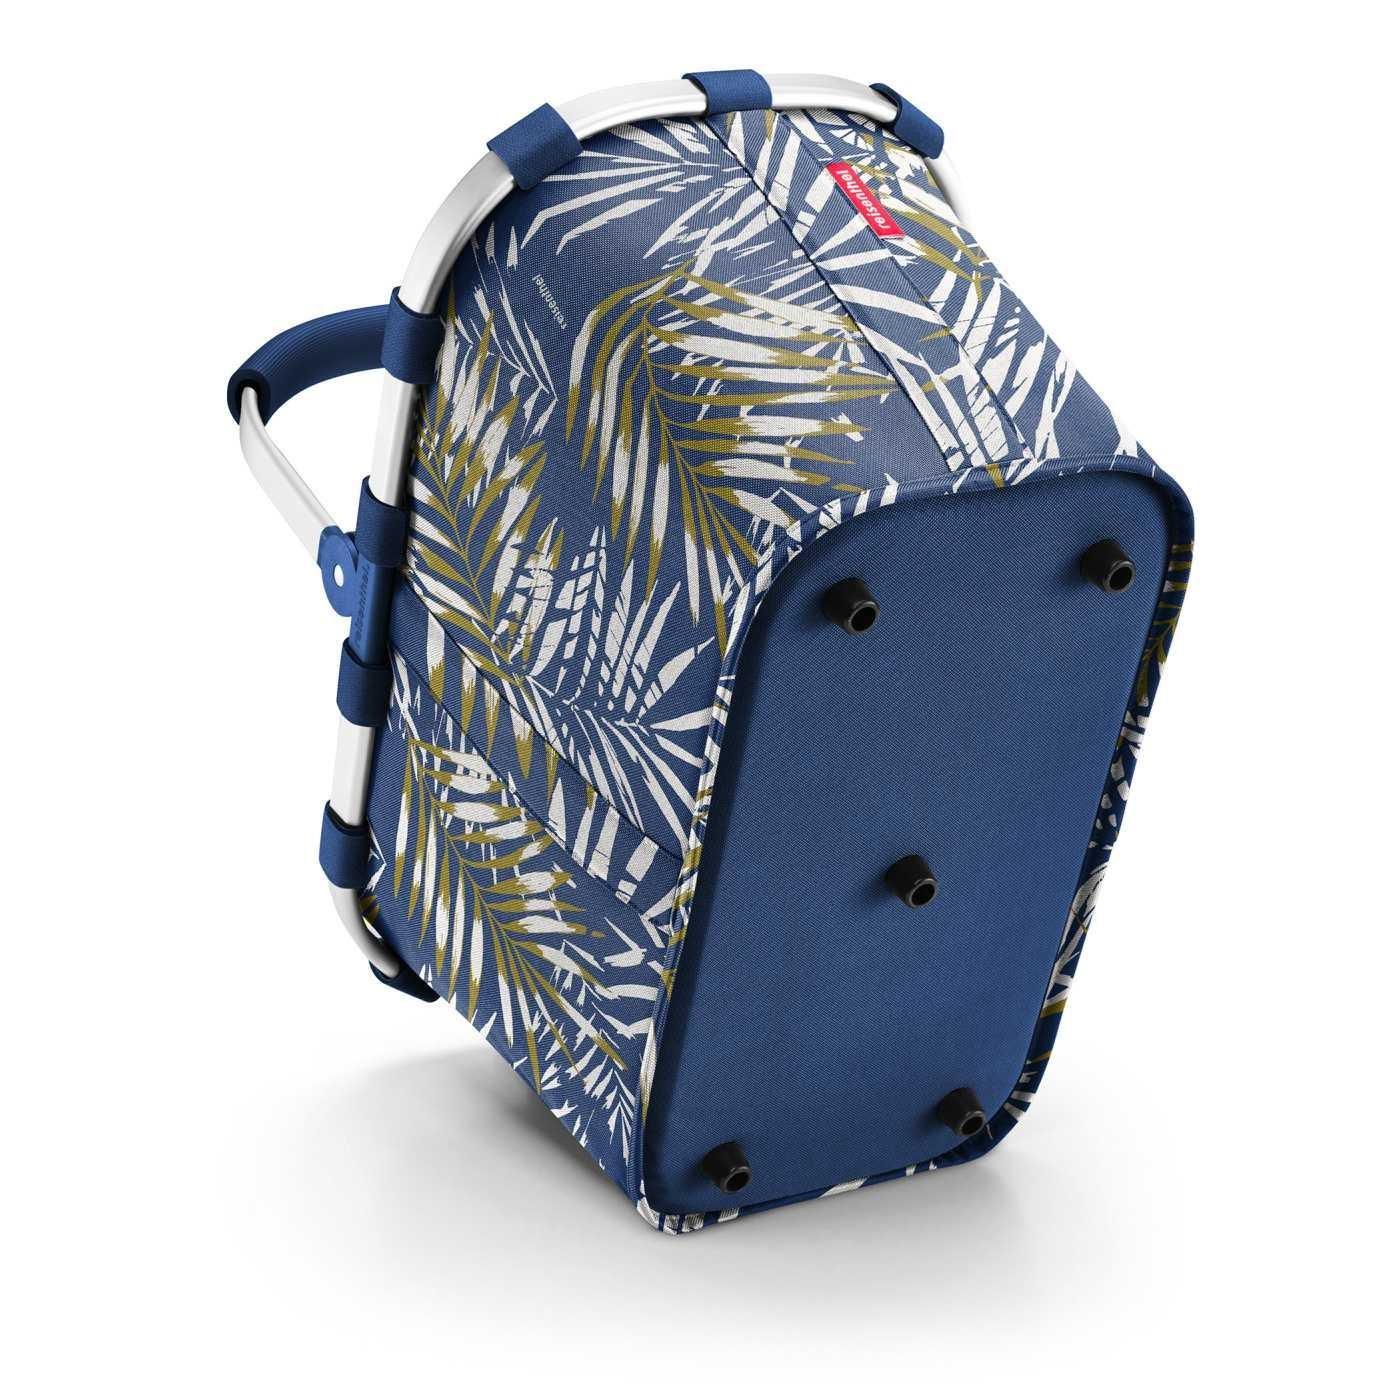 Nákupní košík Carrybag jungle space blue_2